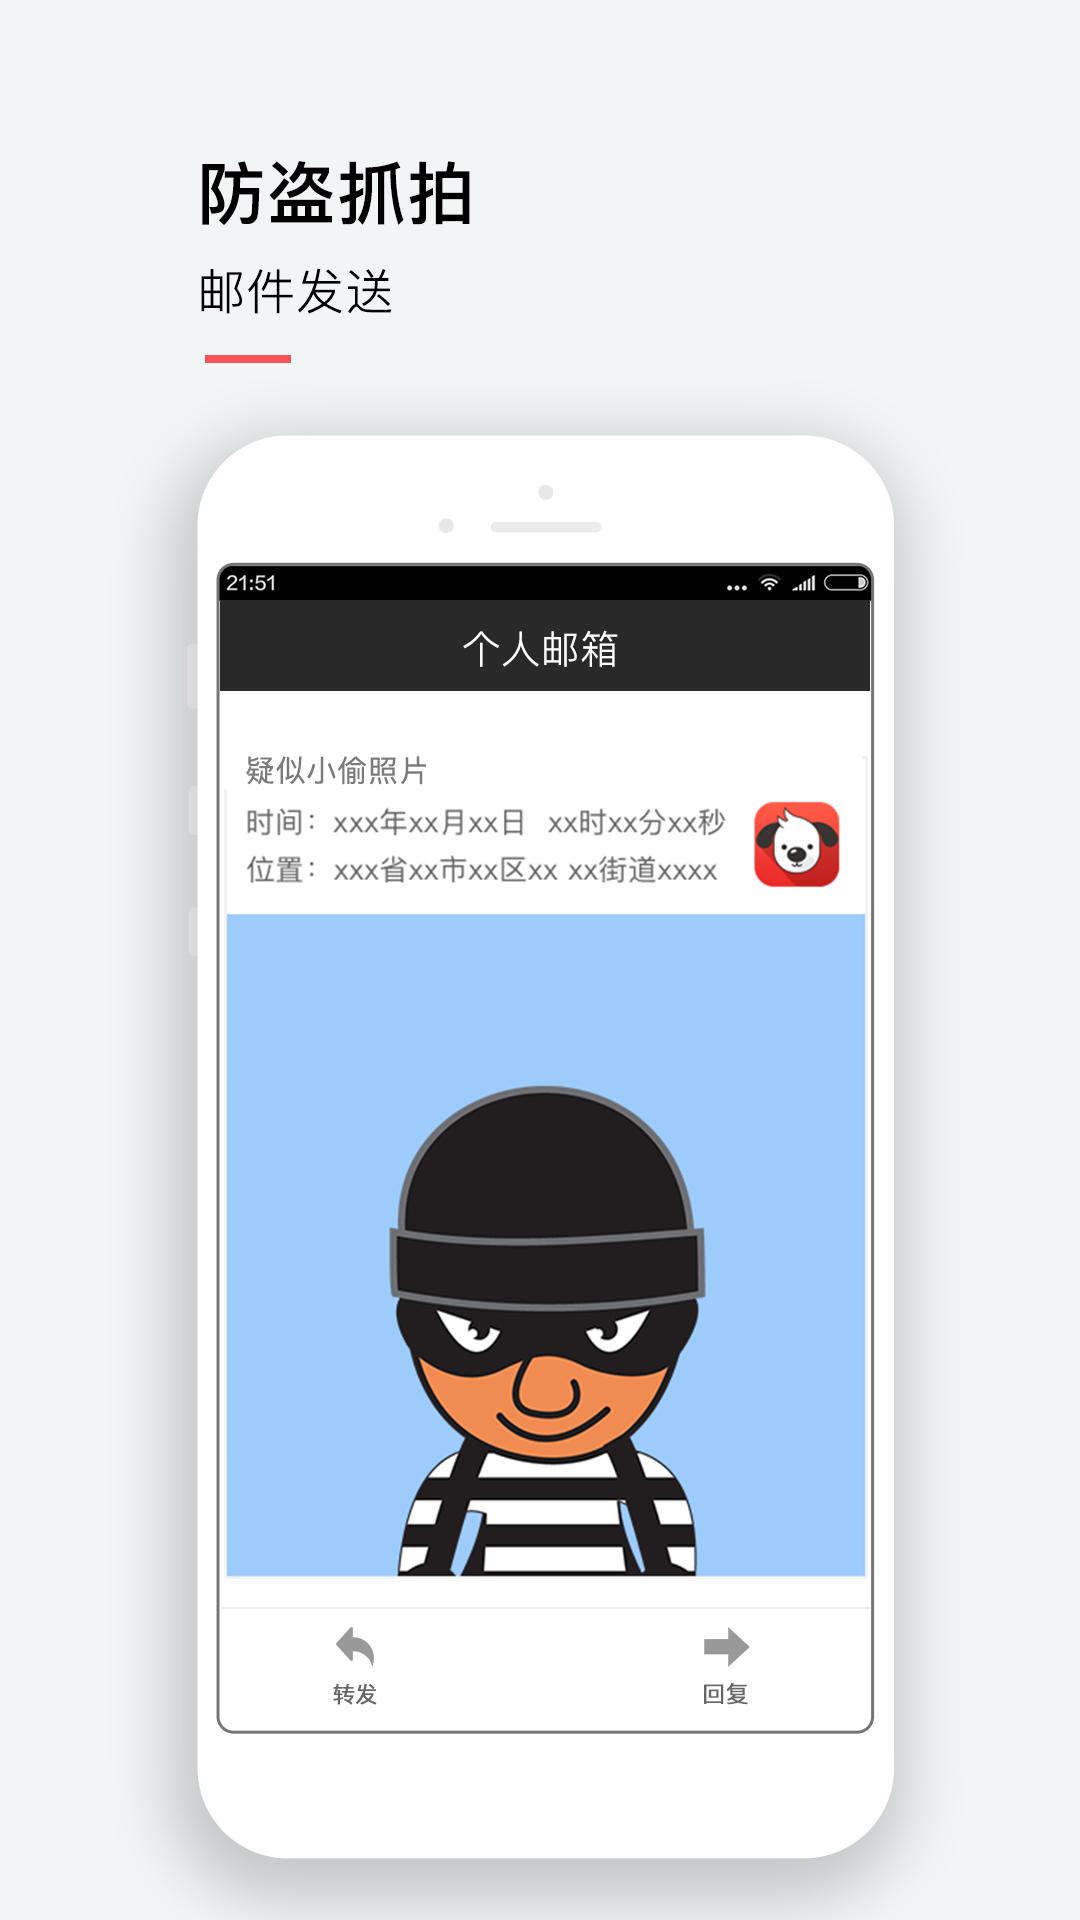 手机防盗-应用截图